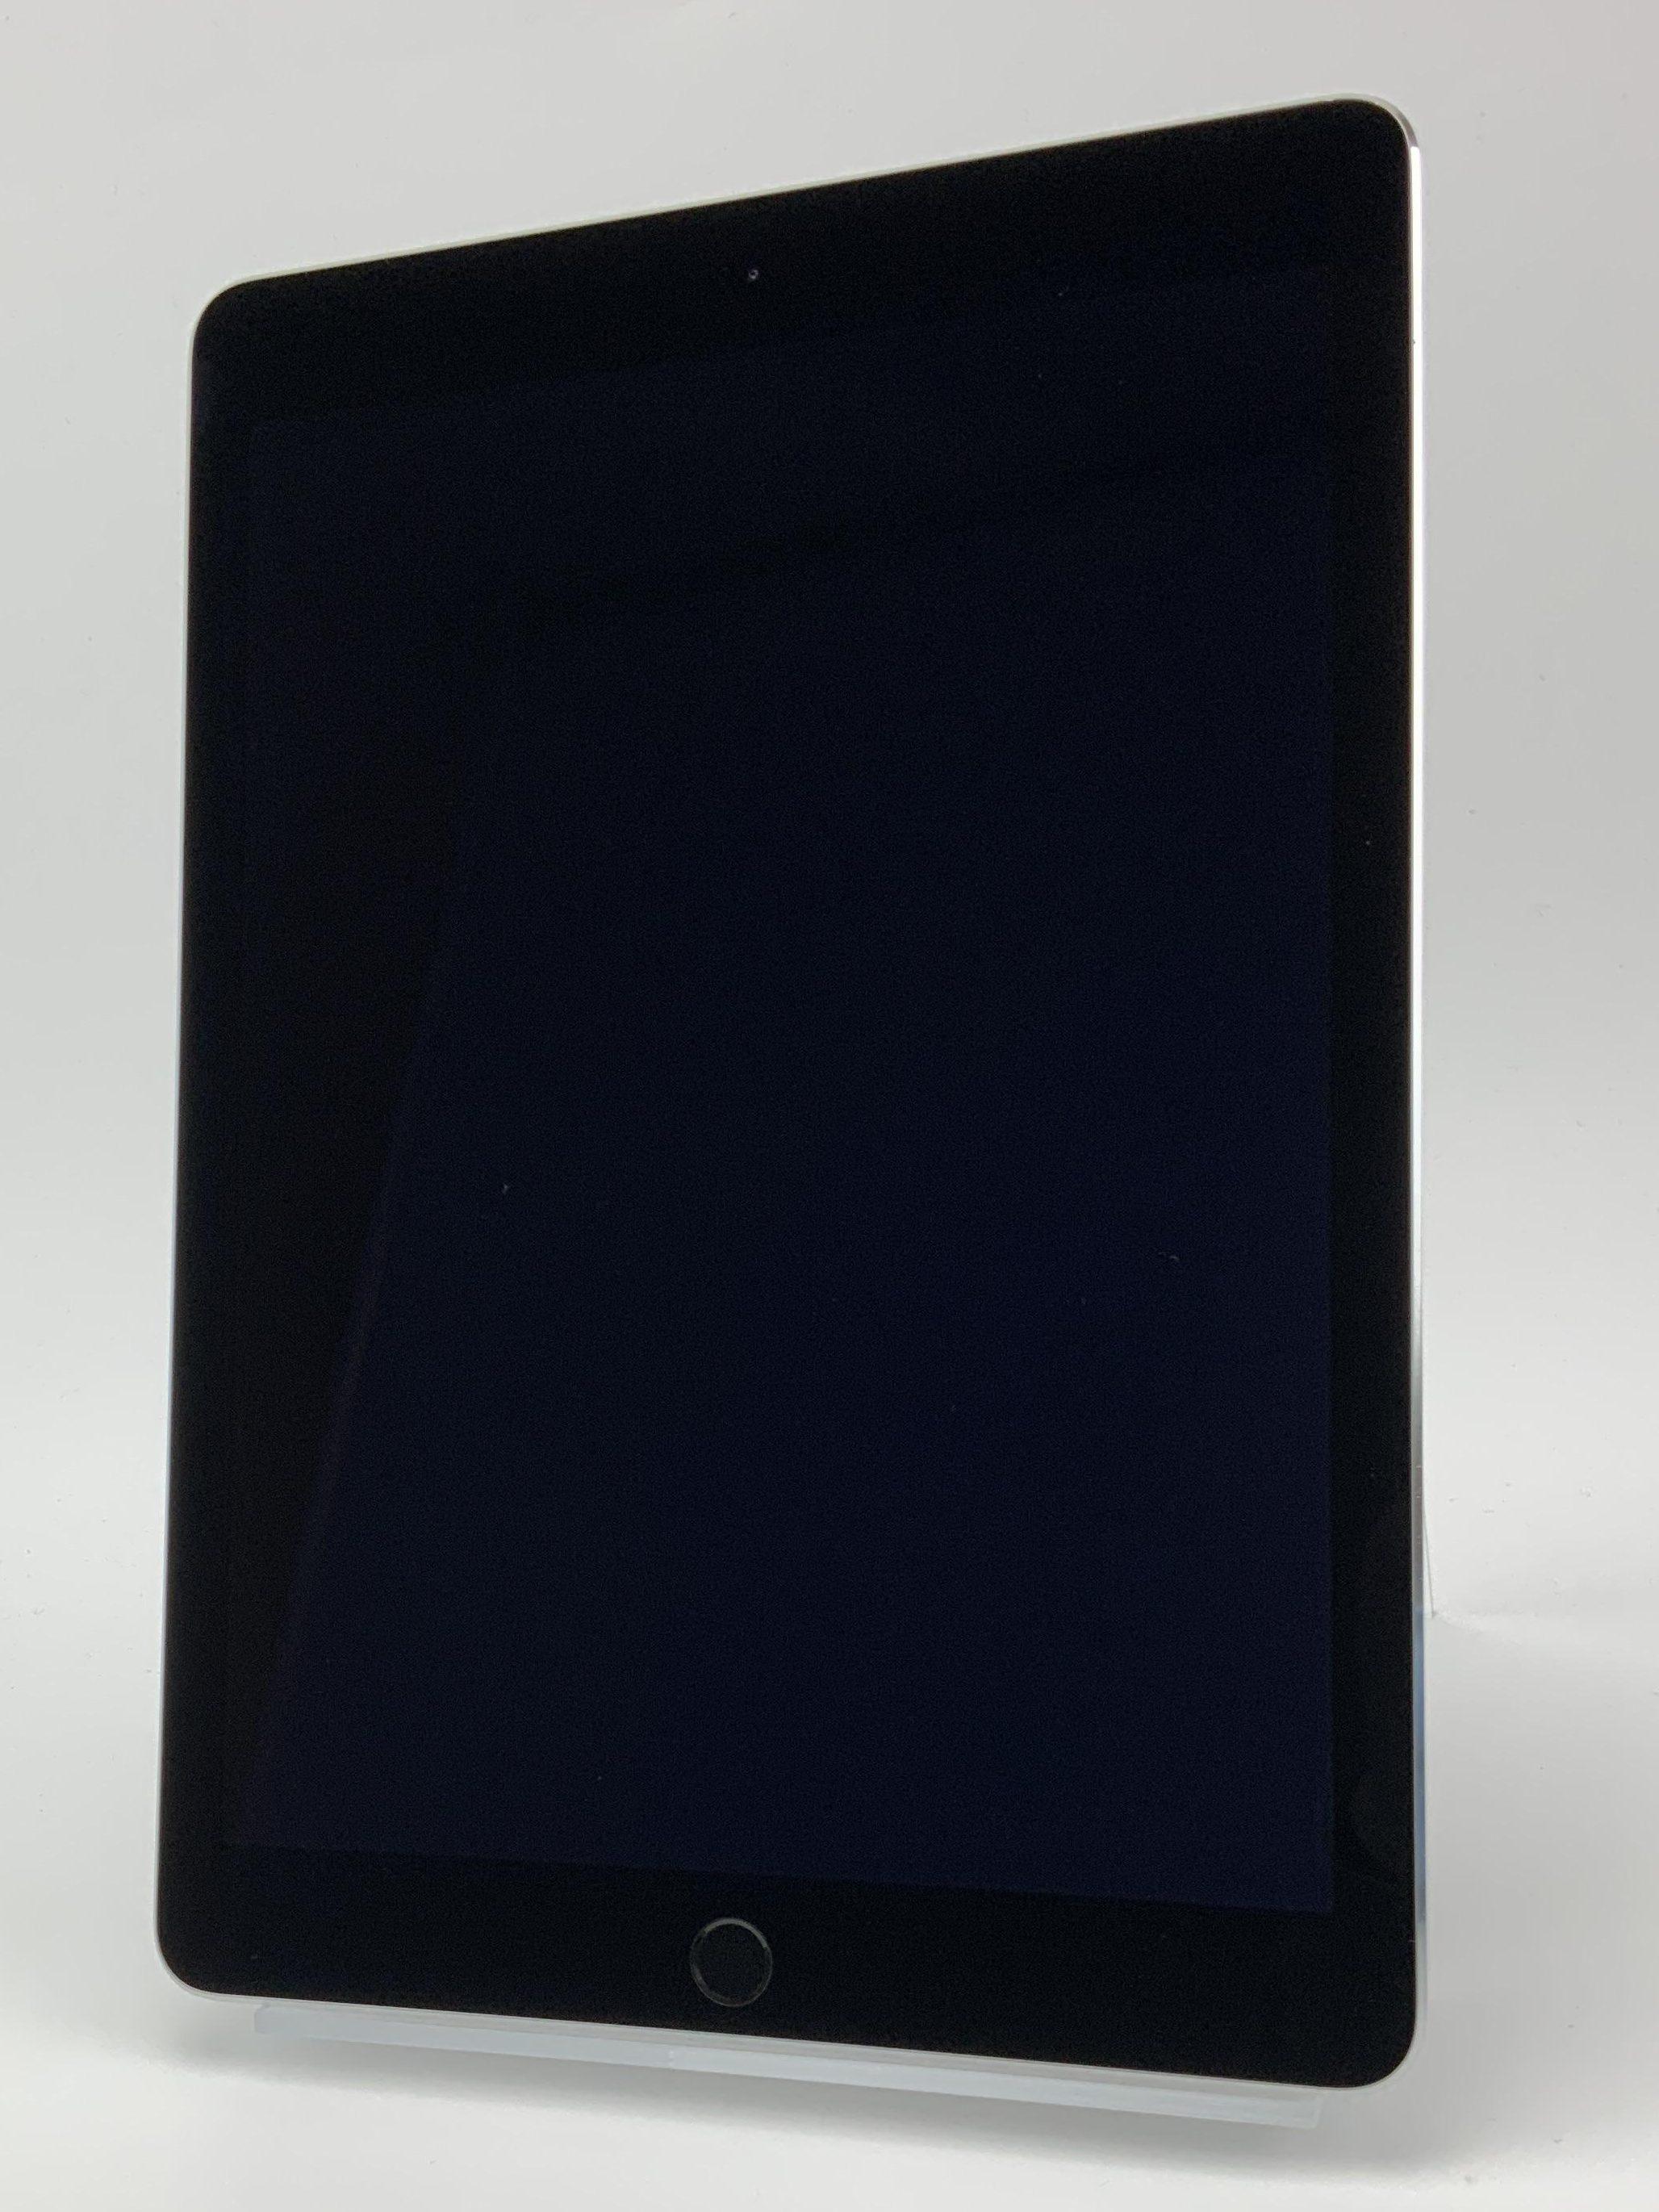 iPad Air 2 Wi-Fi 16GB, 16GB, Space Gray, Kuva 1